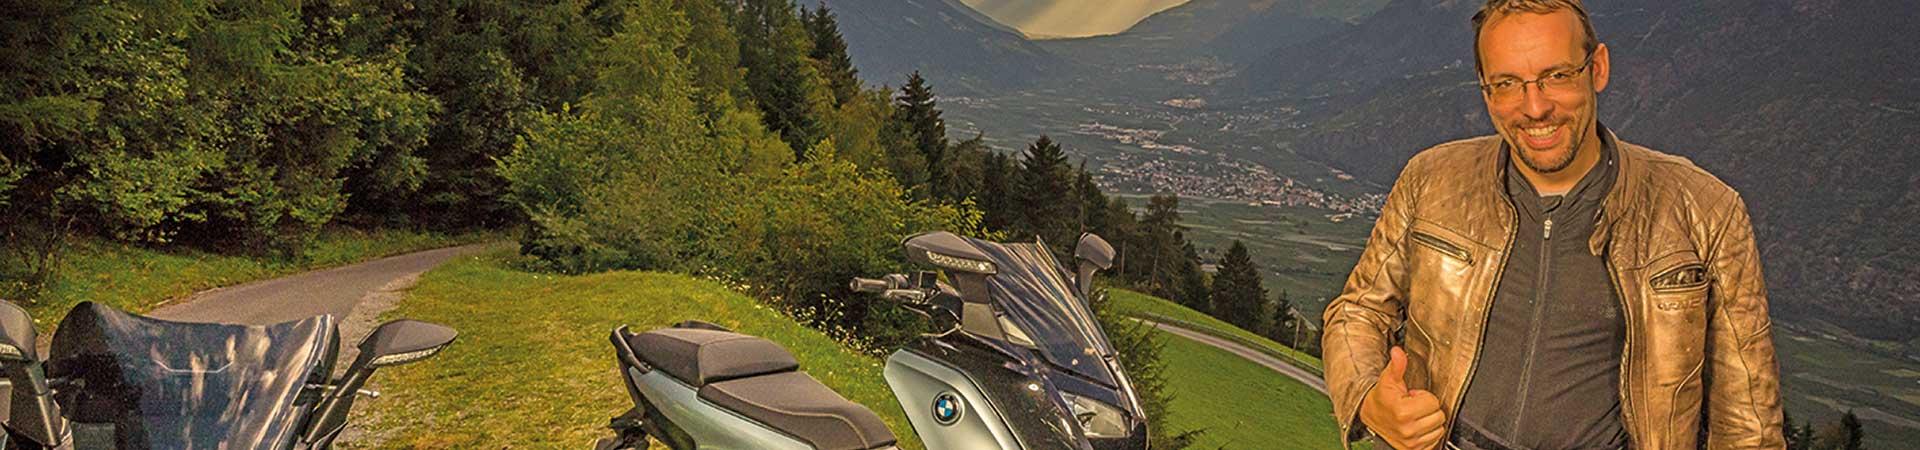 Titelfoto-BMW-C-evolution-moppetfoto_de_02-02-2019_b5e92